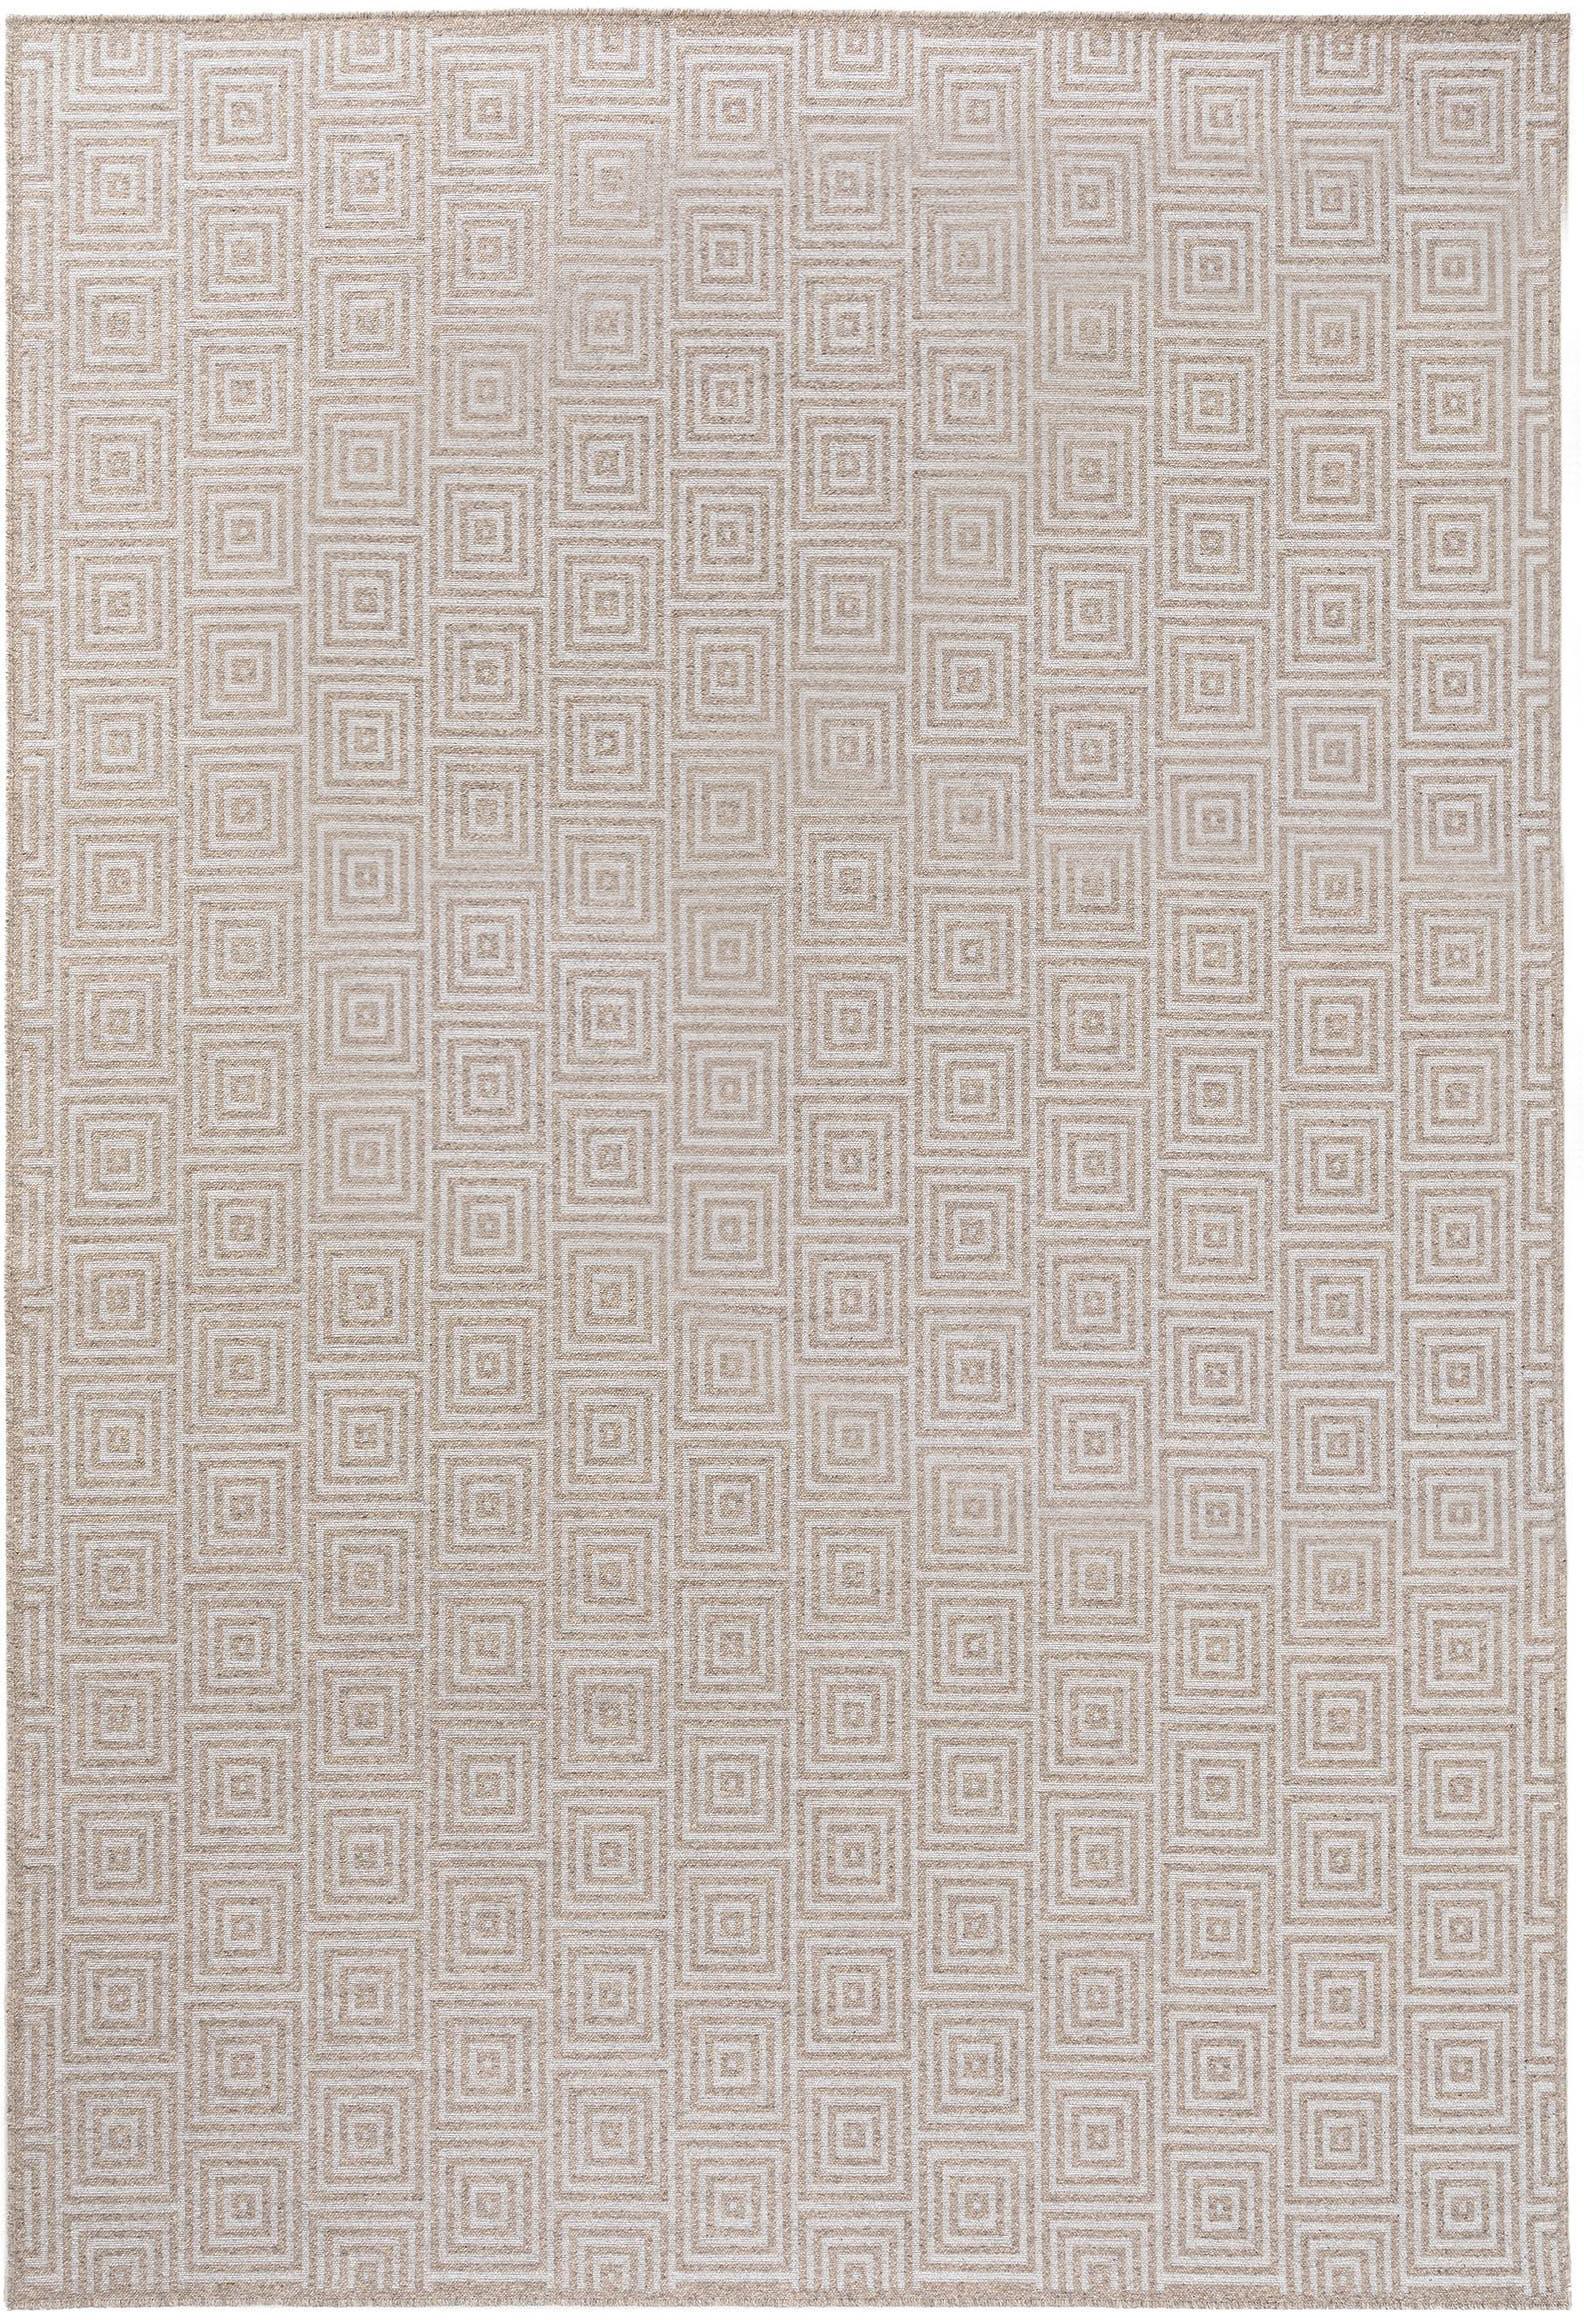 Alfombra de lana Jacob, 70%lana, 30%viscosa, Gris claro, beige, An 120 x L 170 cm (Tamaño S)